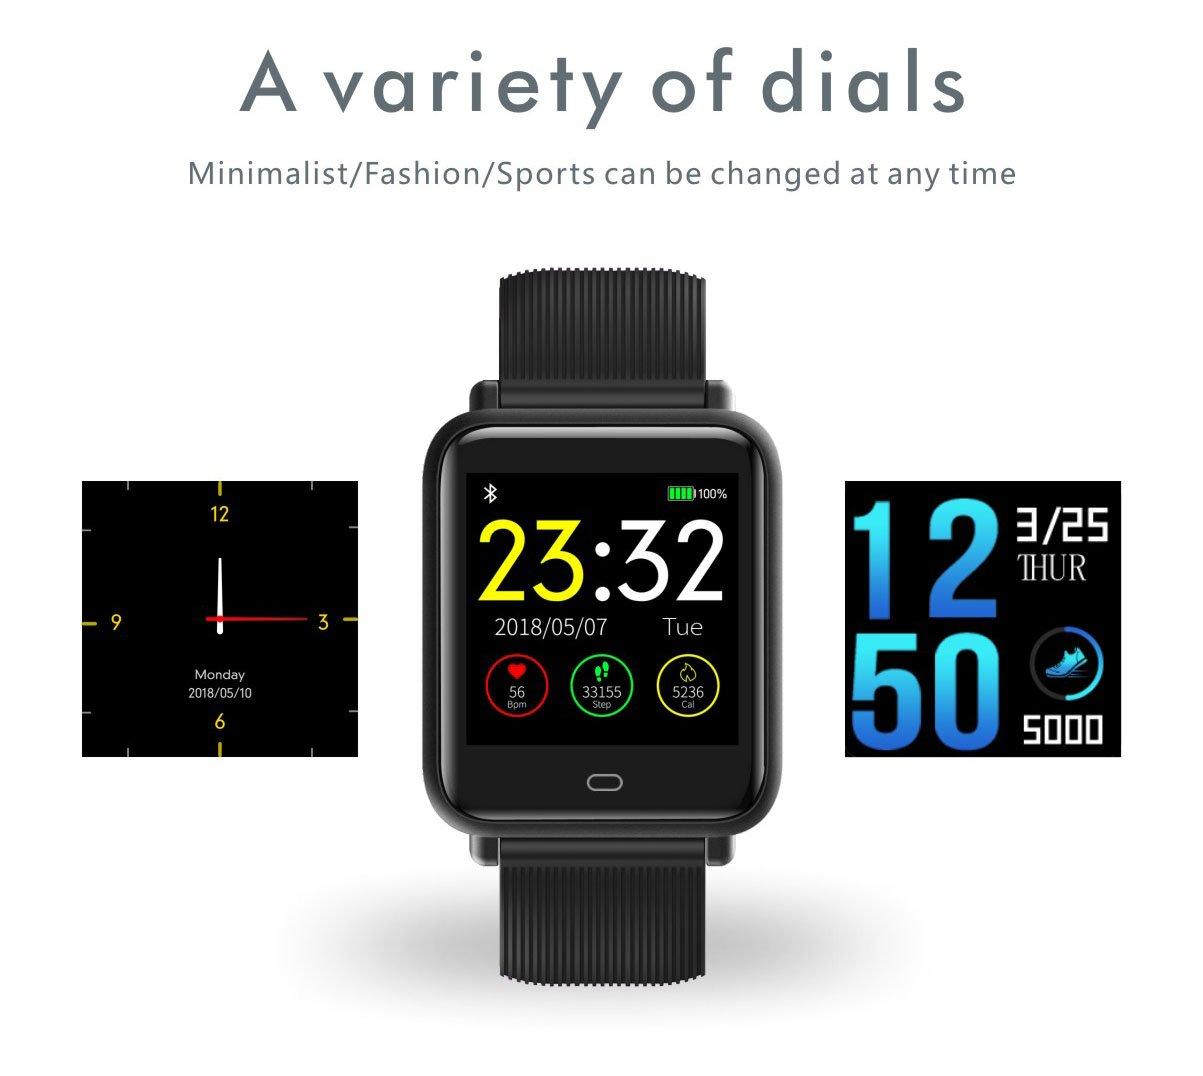 adolenb Fitness Tracker Q9 Multinacional Voz GPS Operación Smartwatch Impermeable IP67 Bluetooth Smartwatch para Android y iOS Smartphone